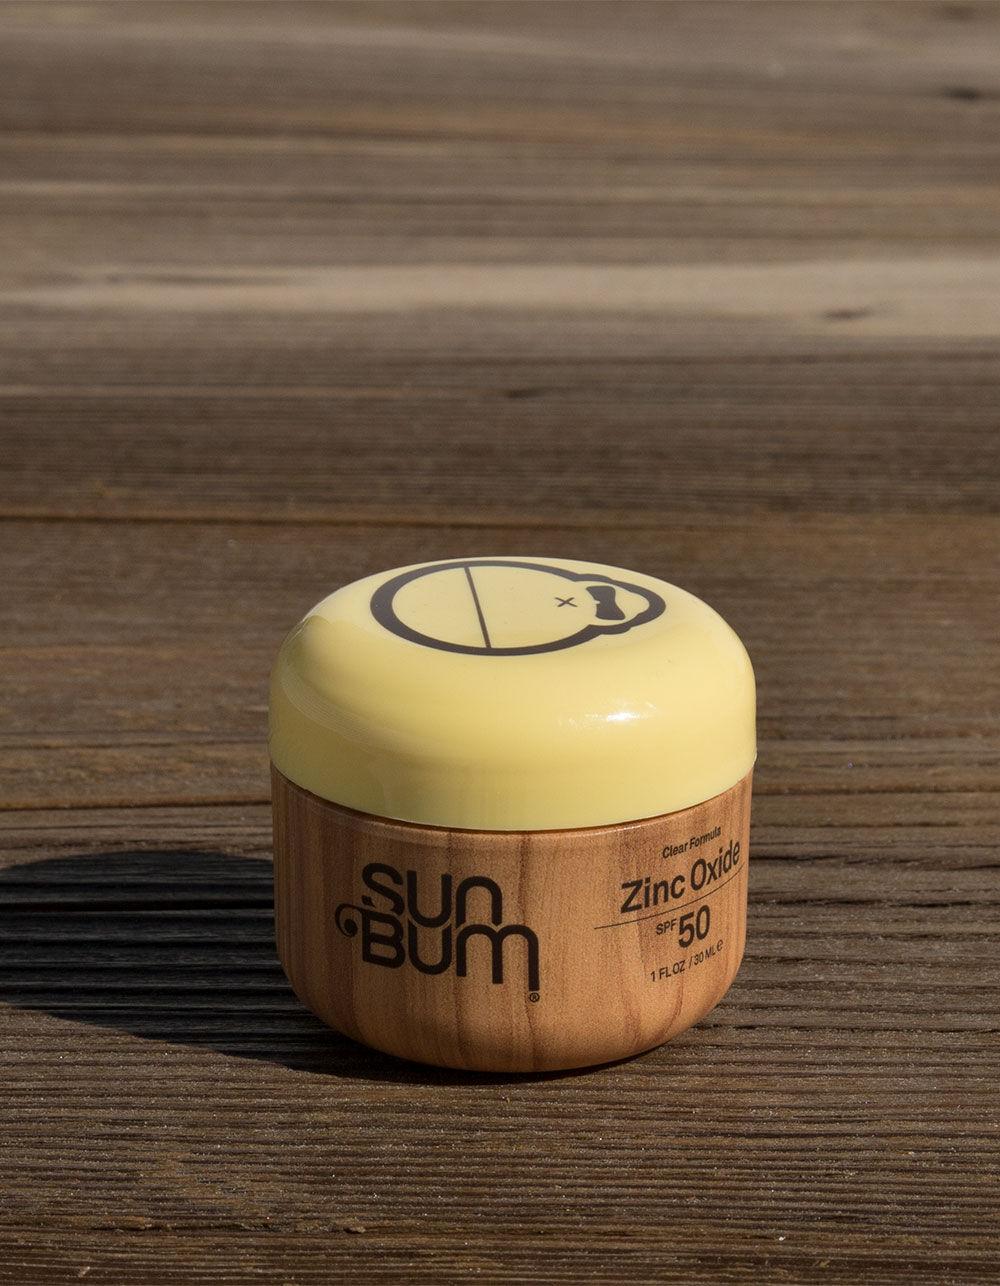 SUN BUM SPF 50 Clear Zinc Oxide (1oz)